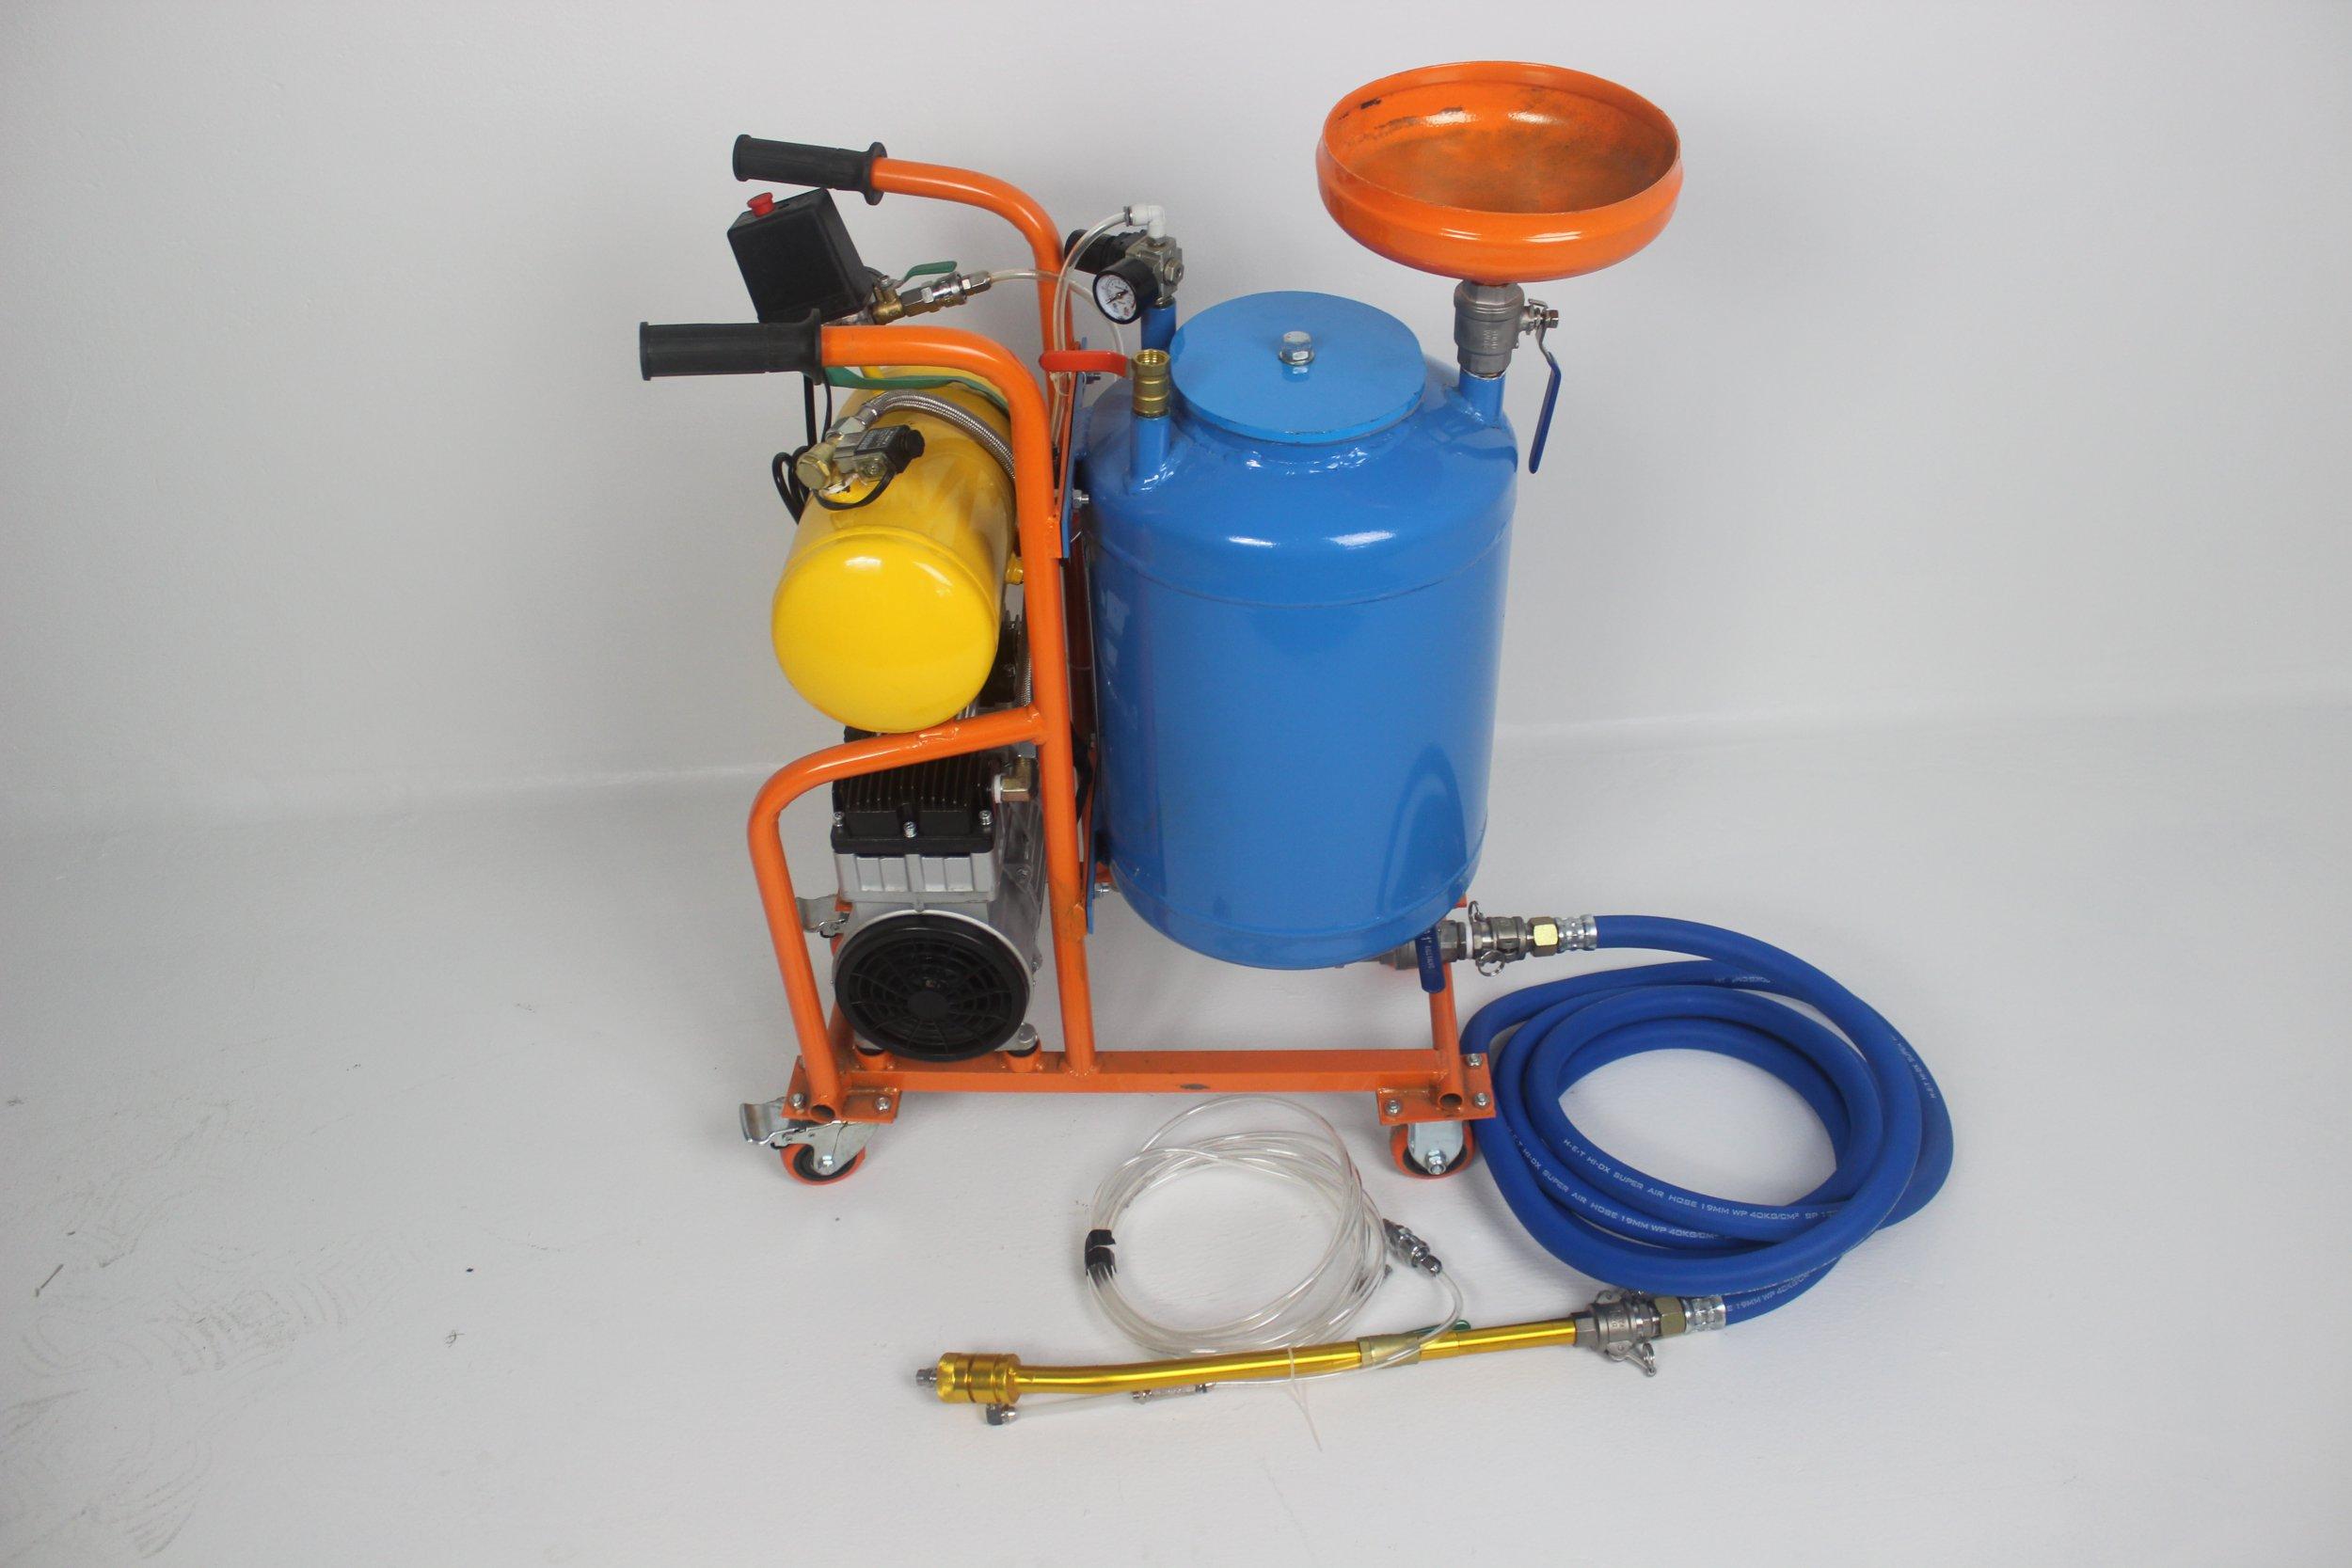 SL-700-2 水泥砂浆喷涂机